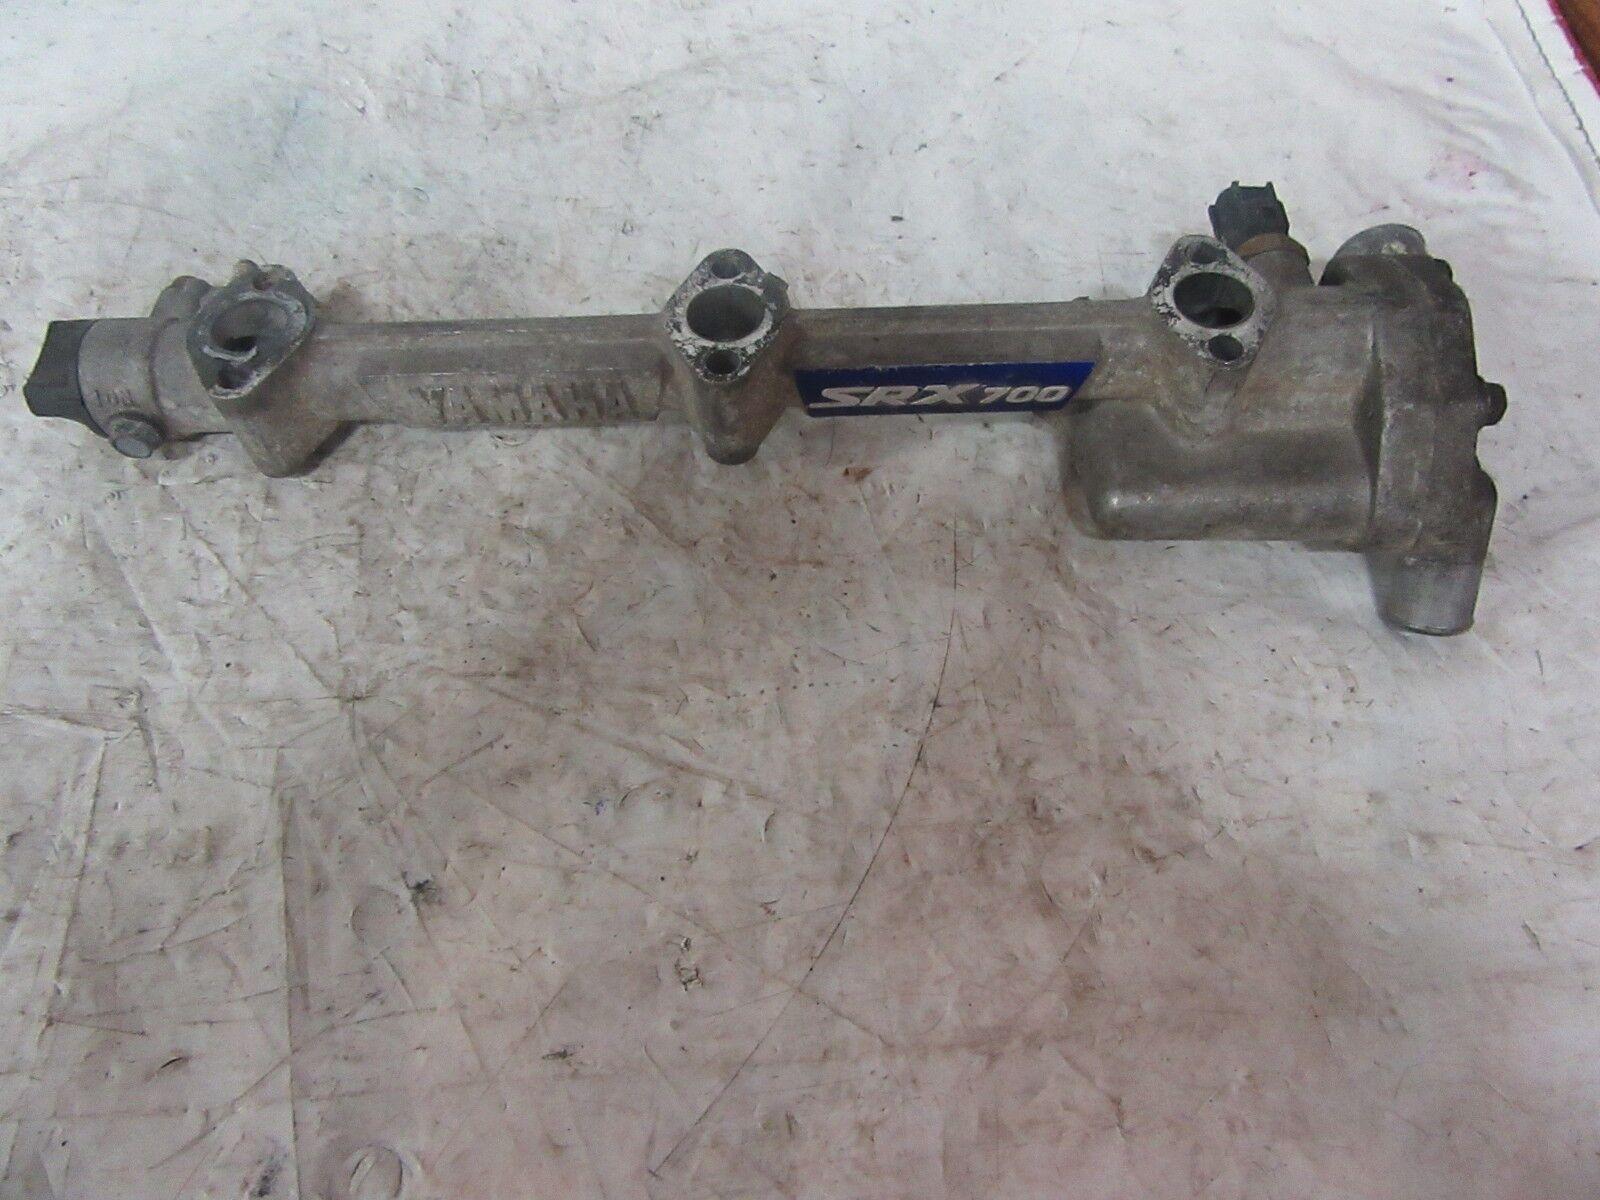 99' YAMAHA SRX 700 COOLANT RAIL DF-1240L-01-00 Item